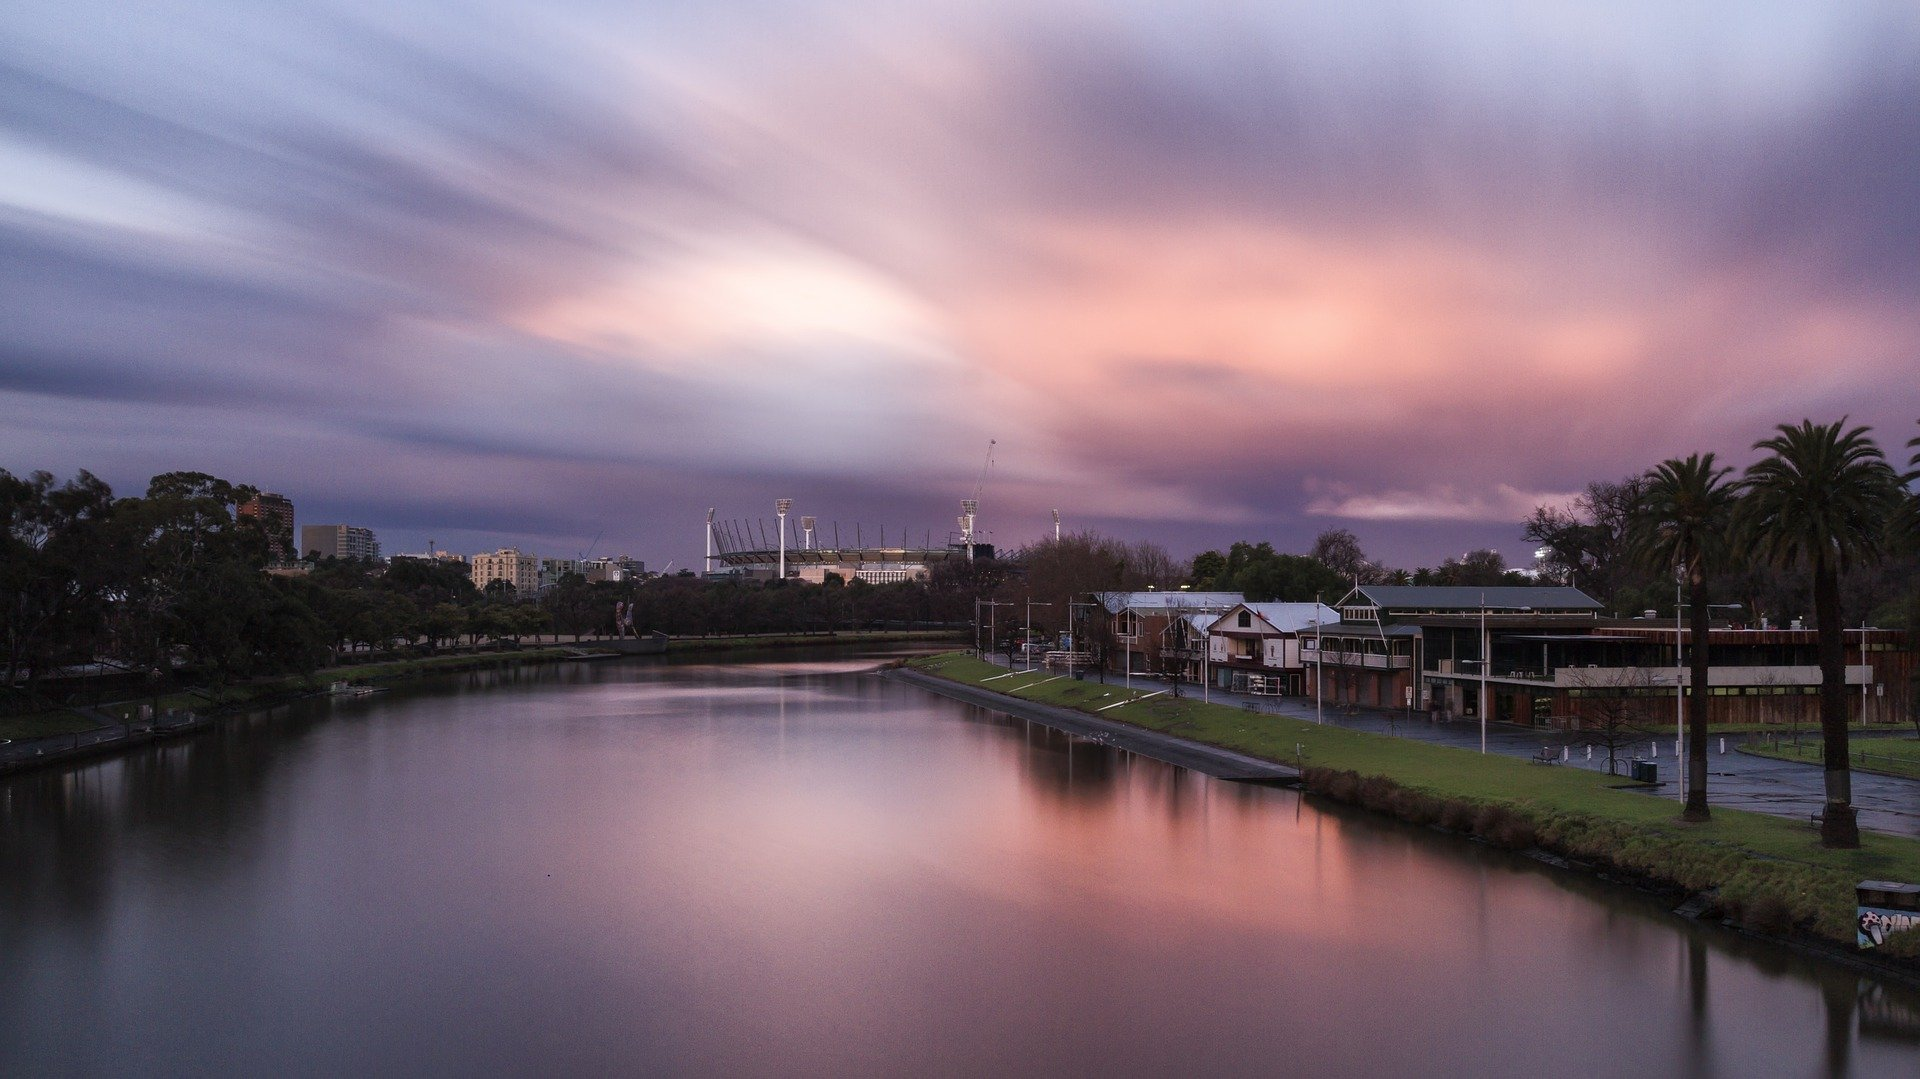 أفضل أماكن الوجهات السياحية في أستراليا-1